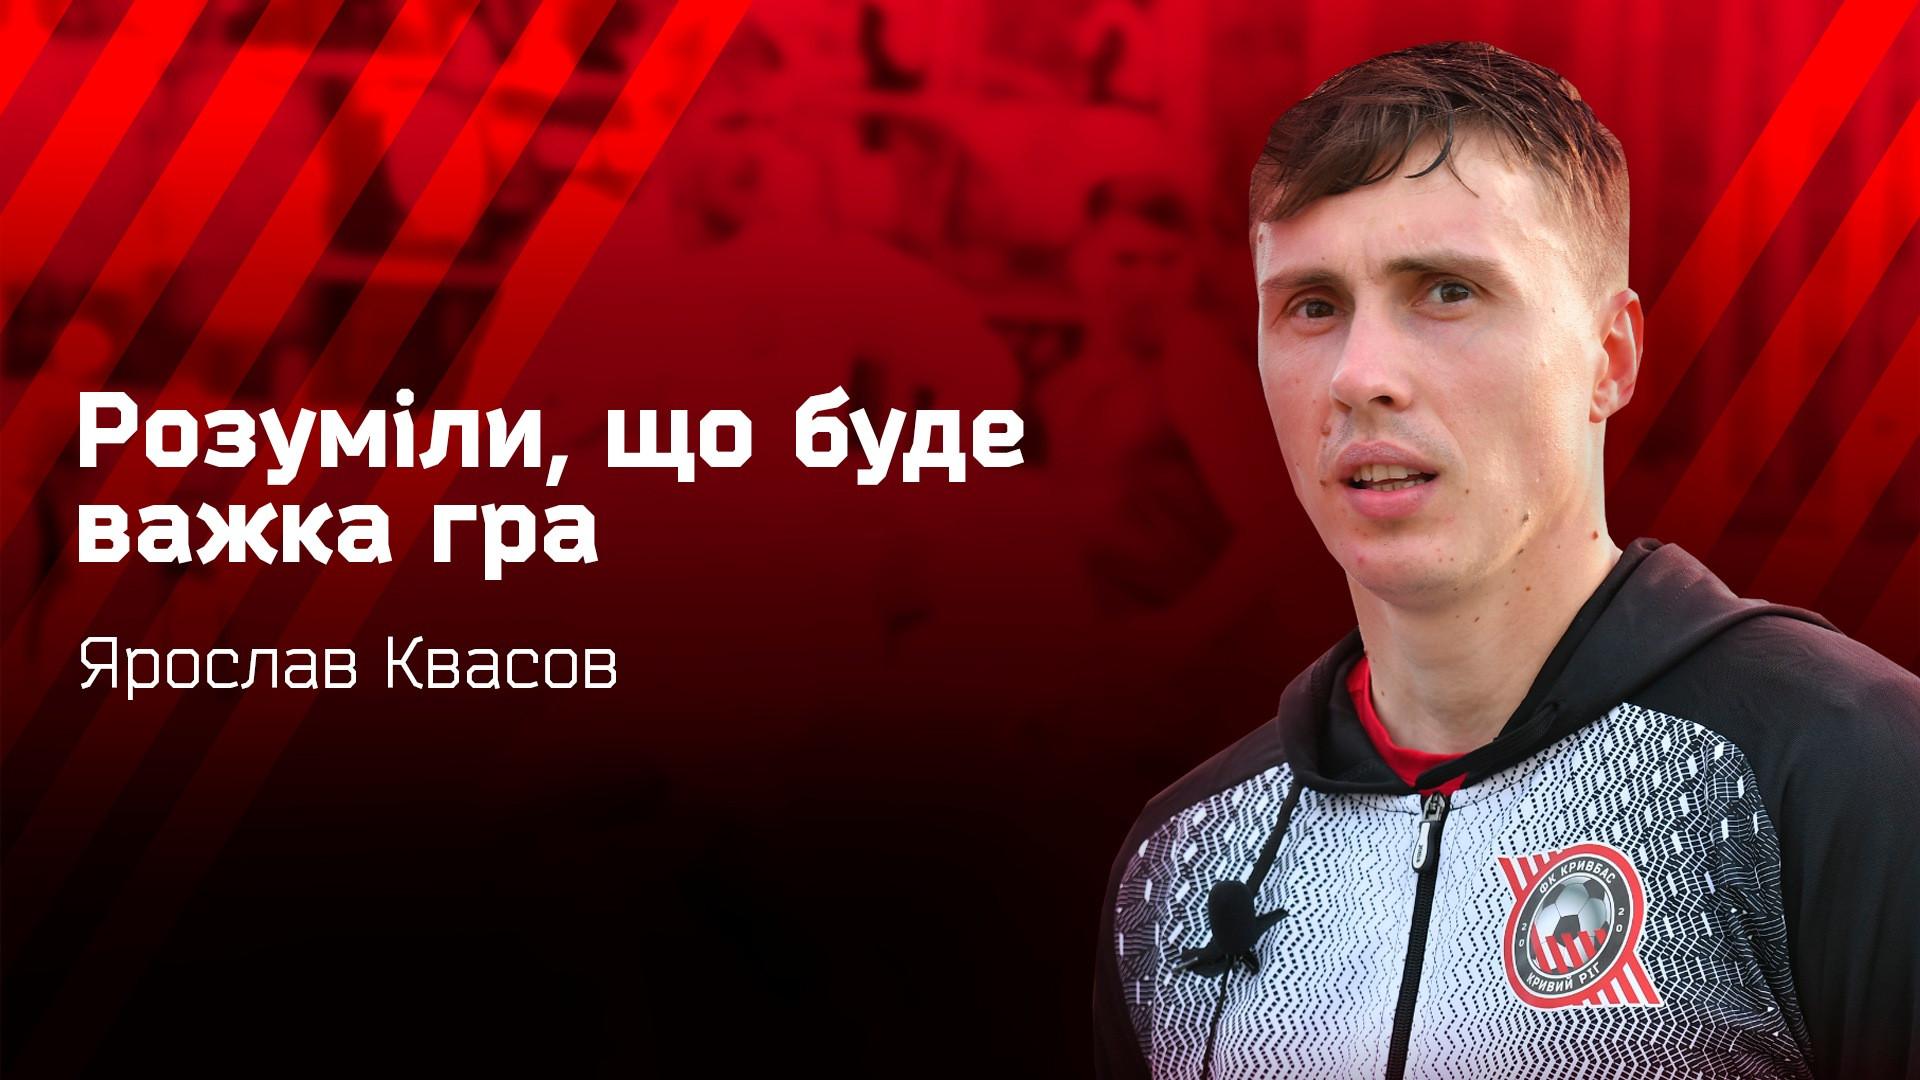 Ярослав Квасов: Розуміли, що буде важка гра}